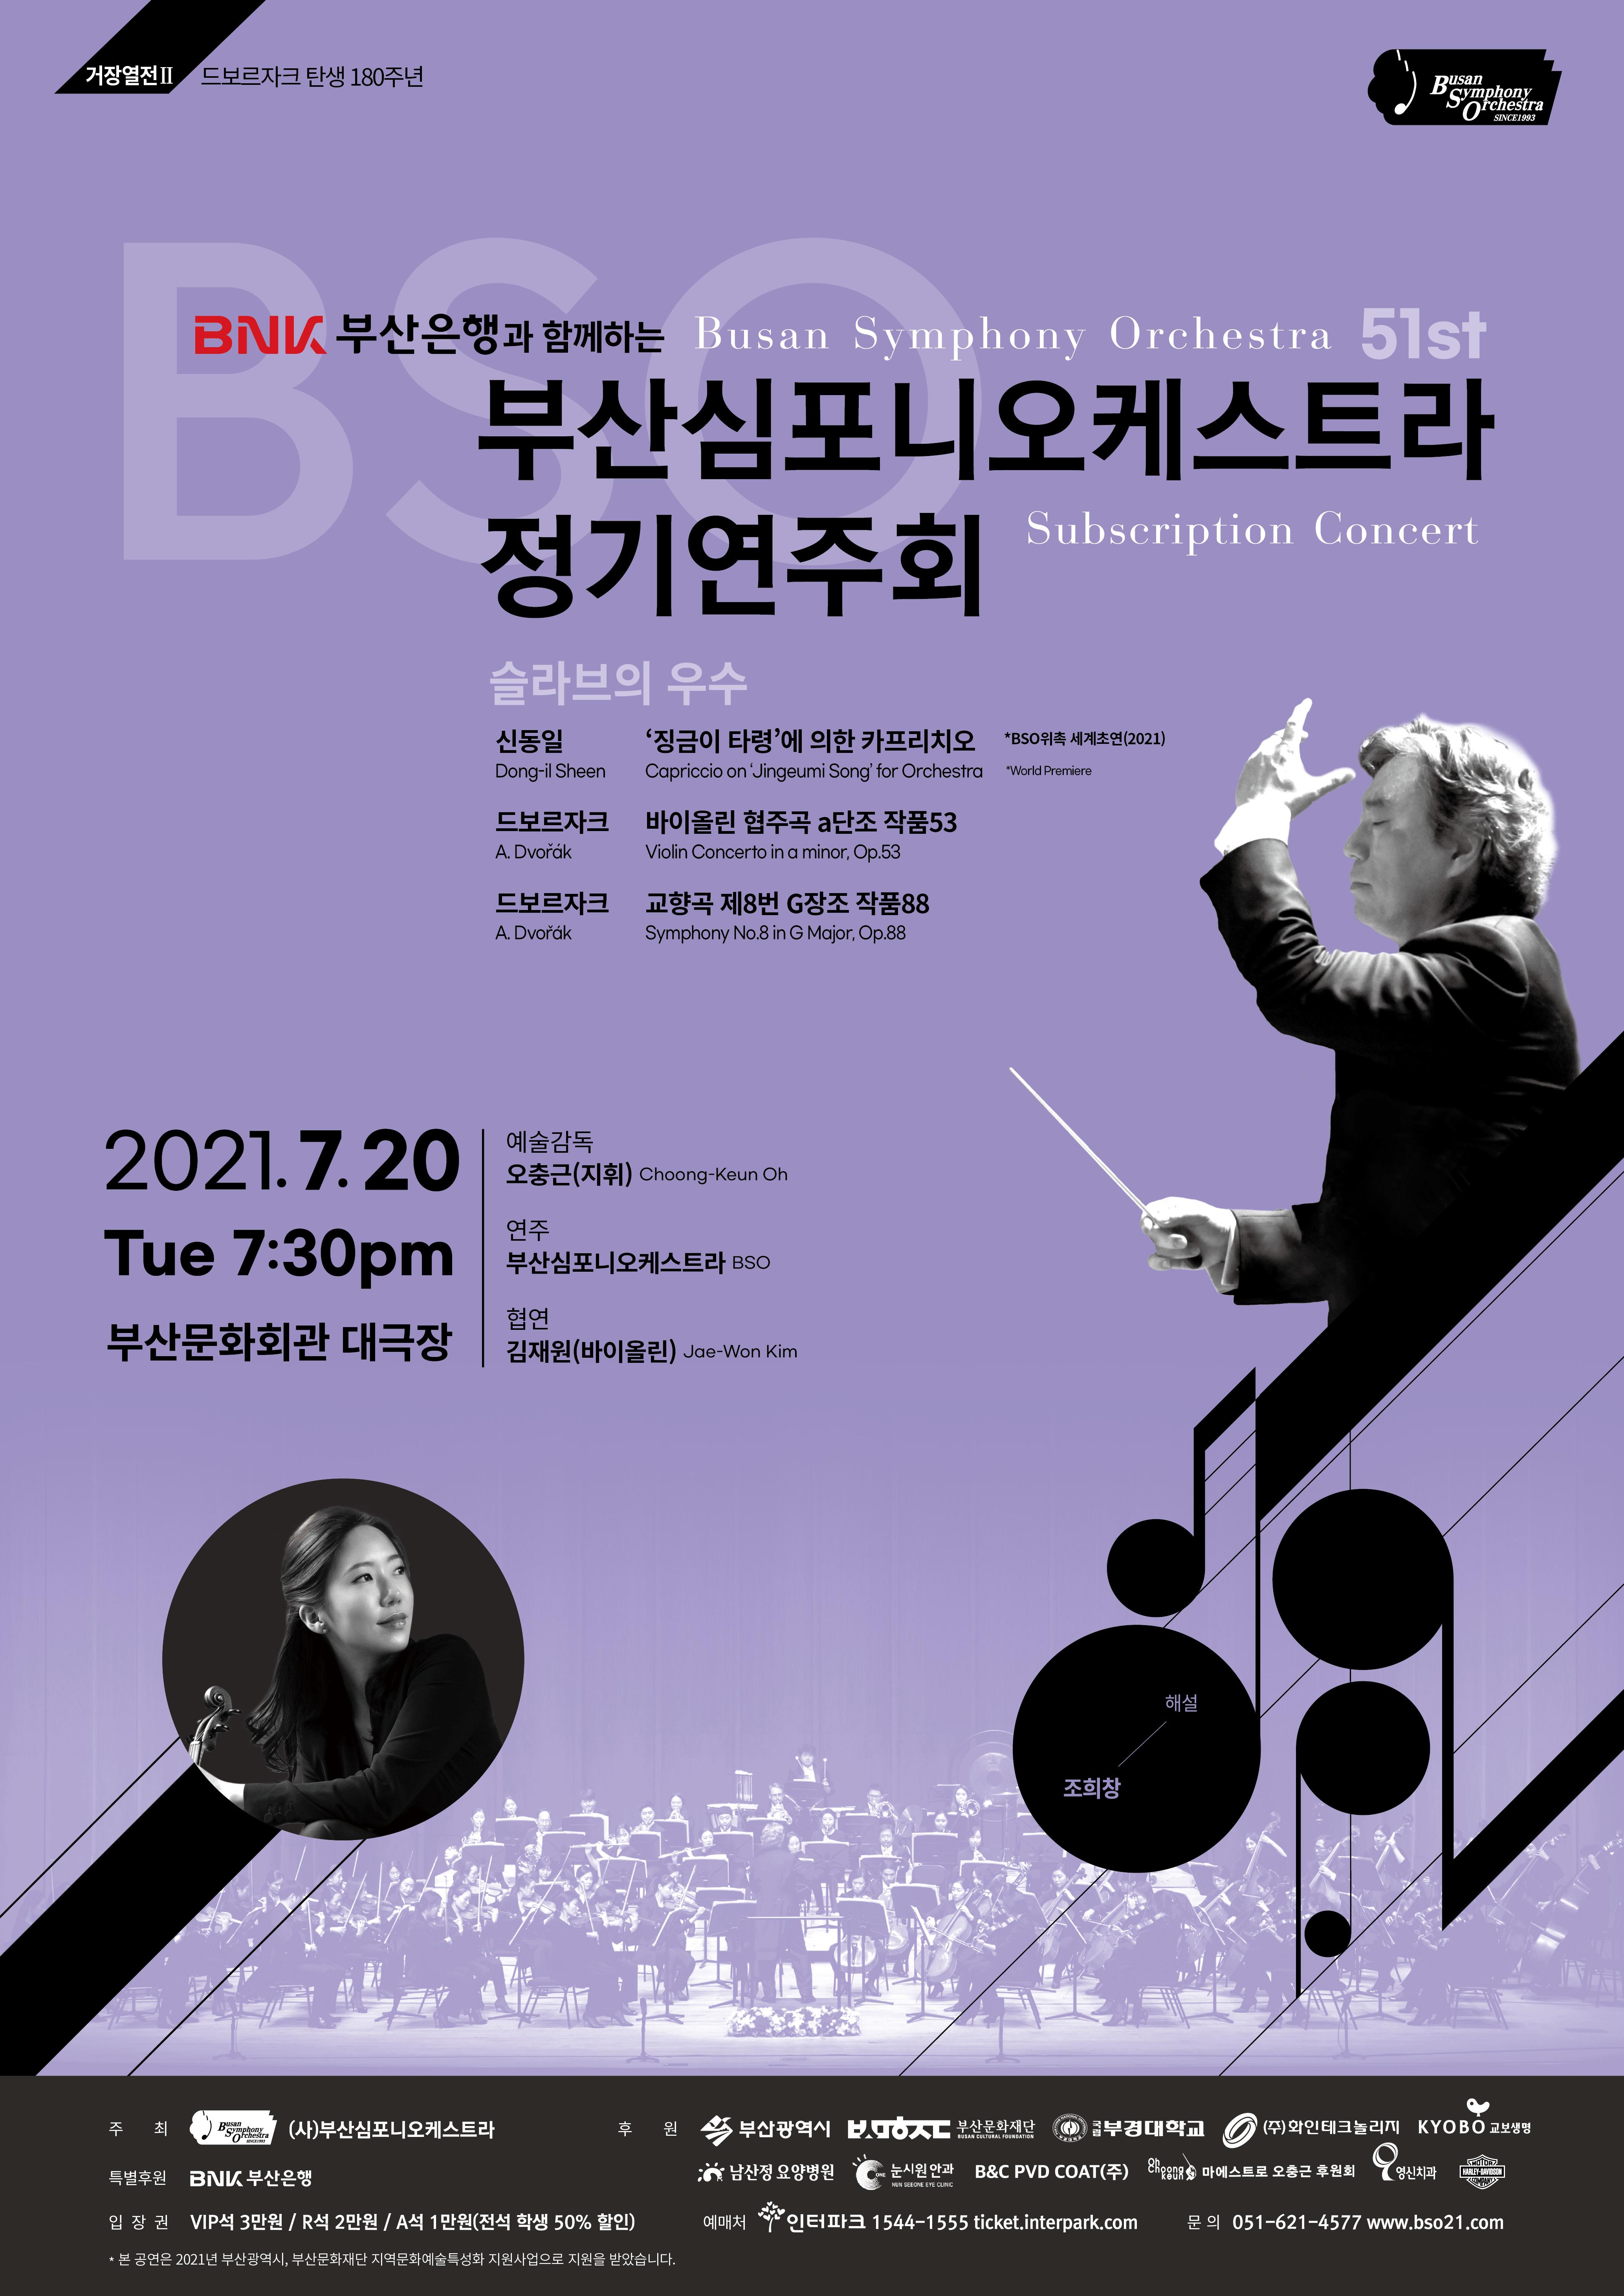 부산심포니오케스트라 제51회 정기연주회